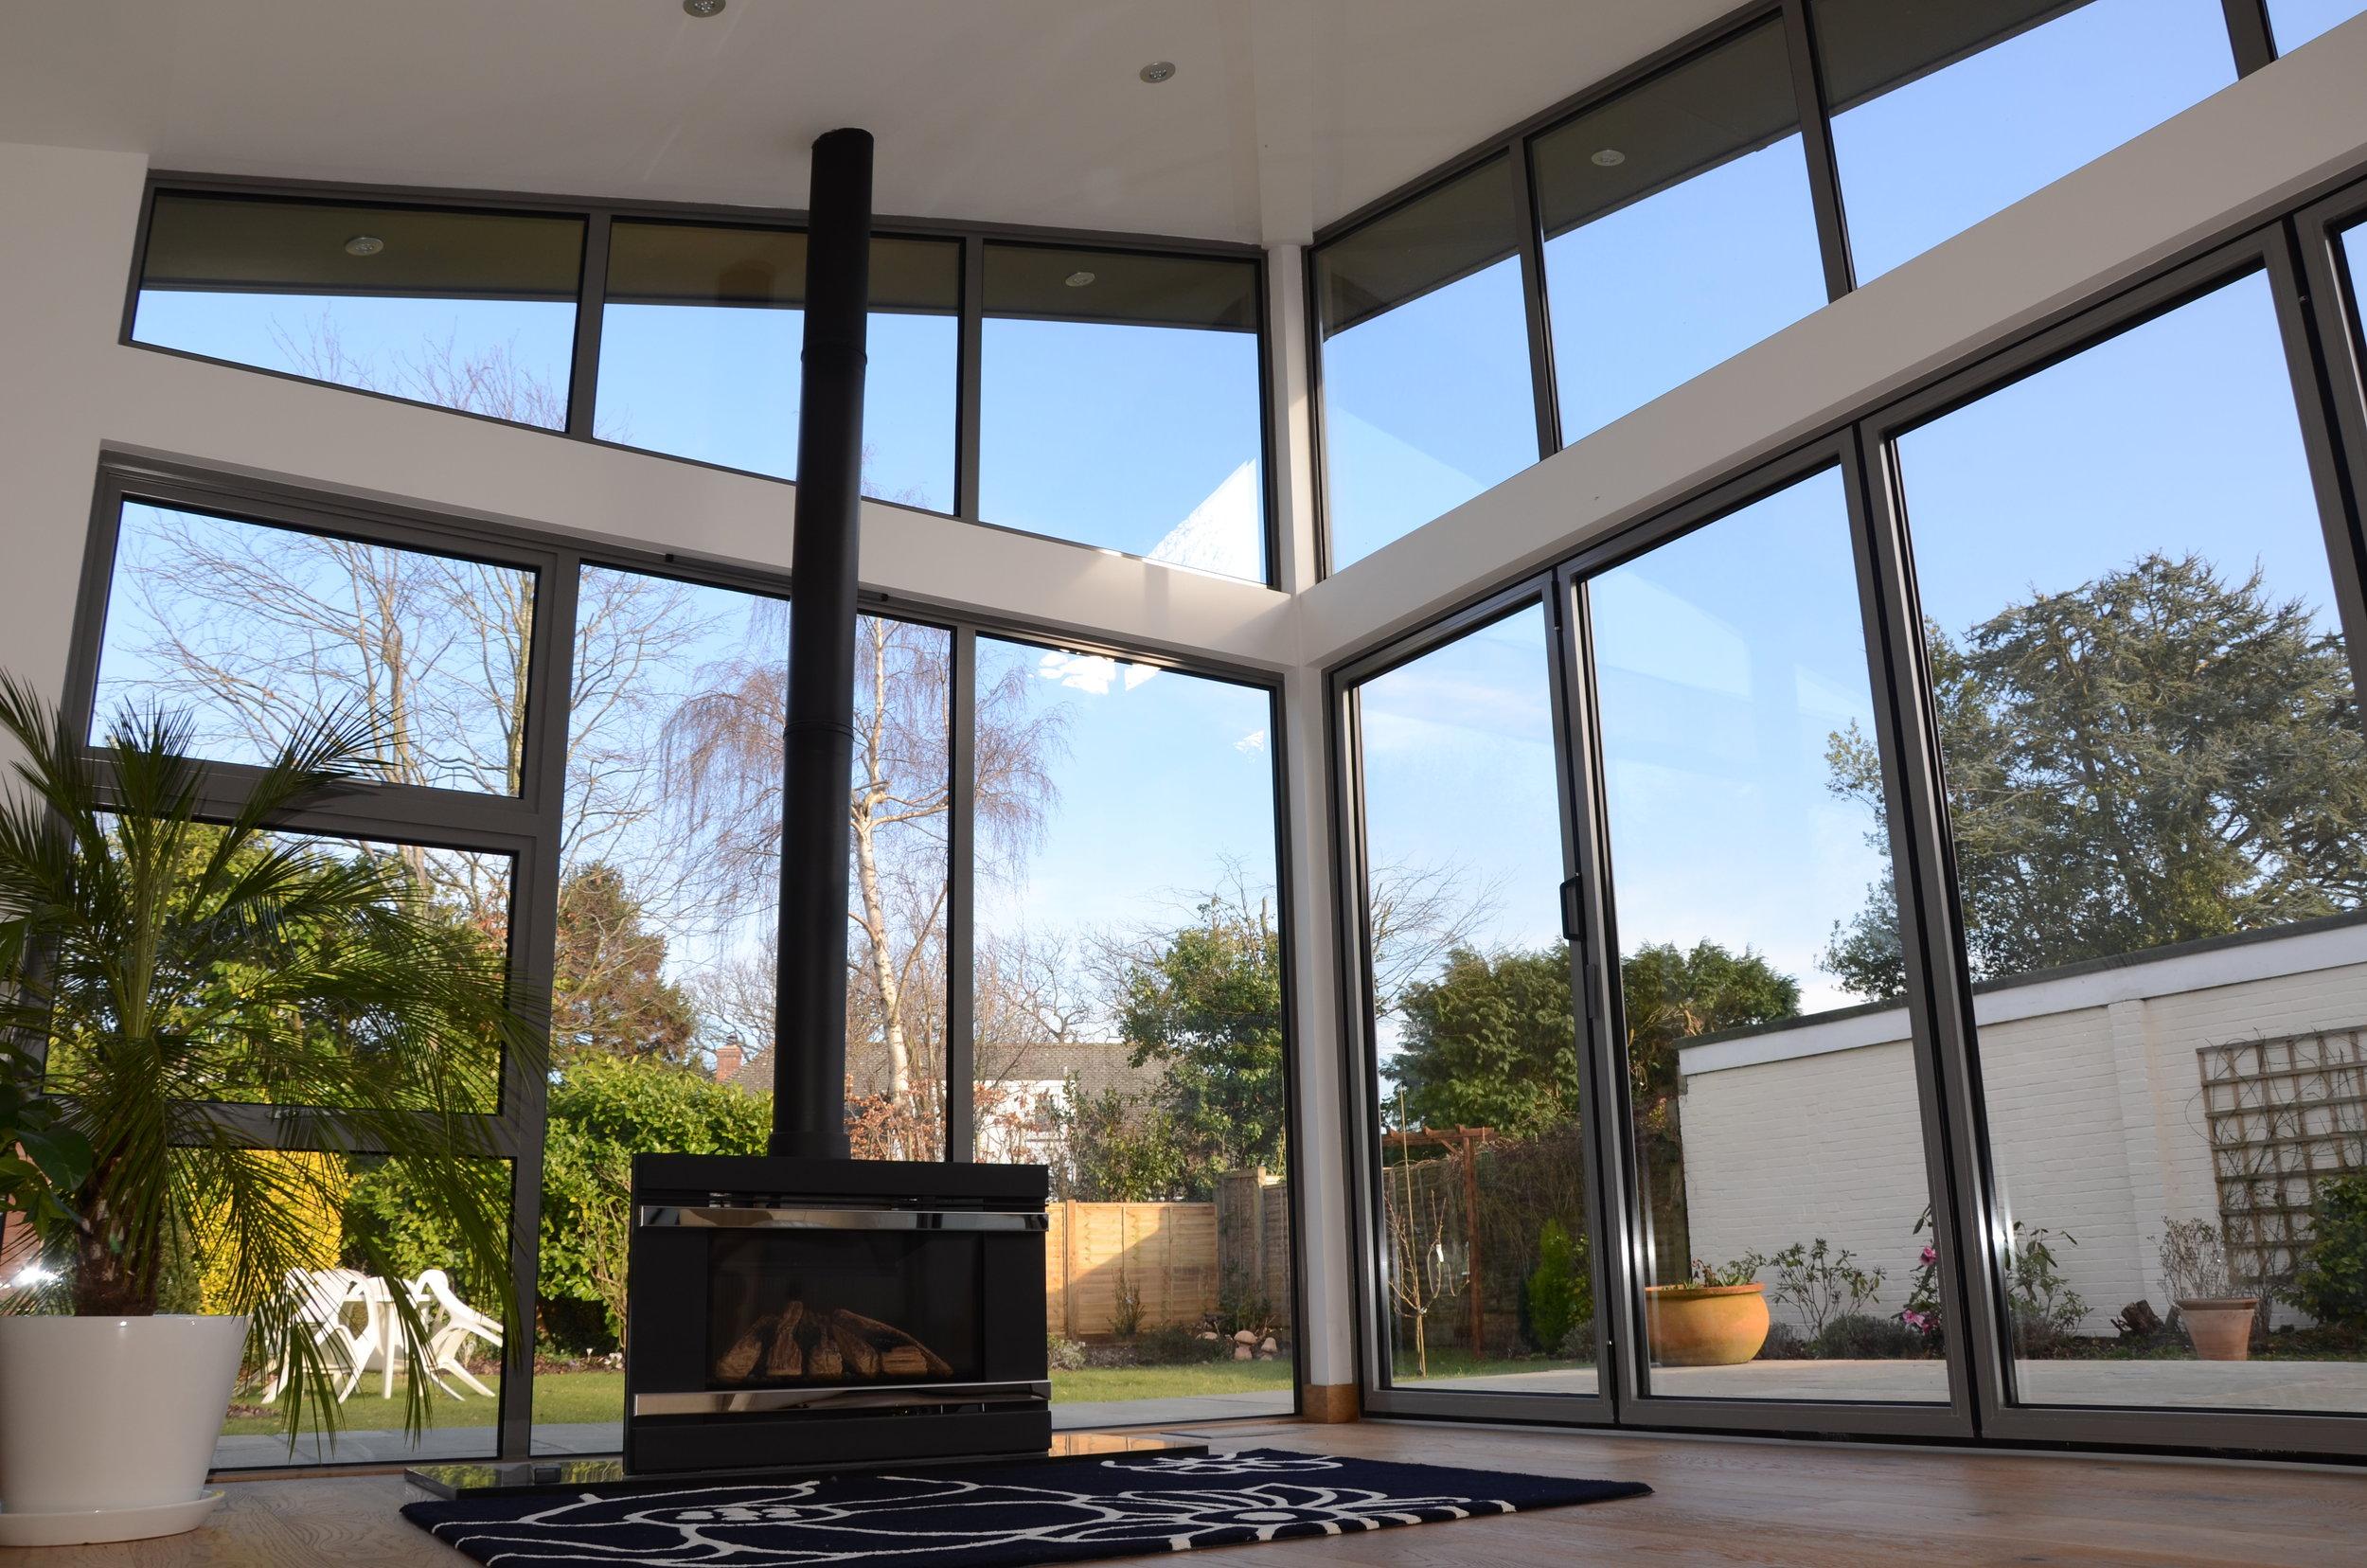 House extension, garden room